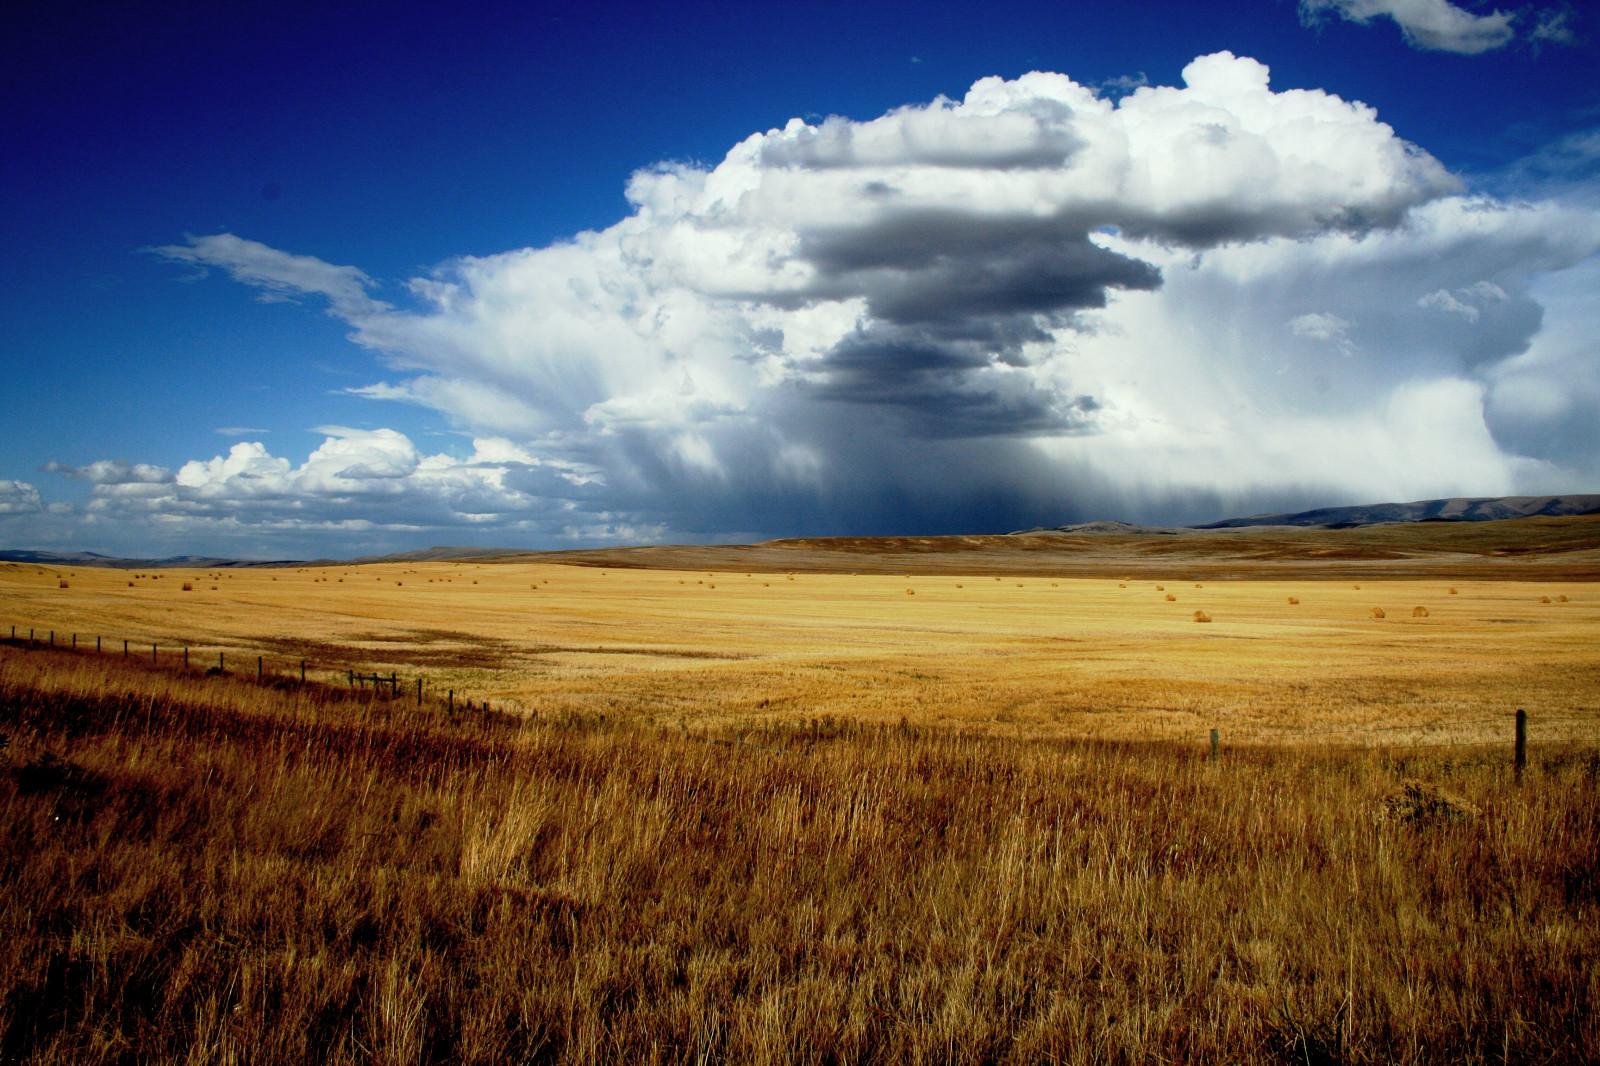 lumière du soleil paysage colline herbe ciel champ orage Matin horizon atmosphère Montana plateau steppe nuage journée prairie Prairie plaine jour prairie surgir grandes plaines zone rurale Papier peint de l'ordinateur Écosystème Famille d'herbe Phénomène météorologique cumulus savane Bruyère Écorégion champs de blé Bigskycountry Prarielands